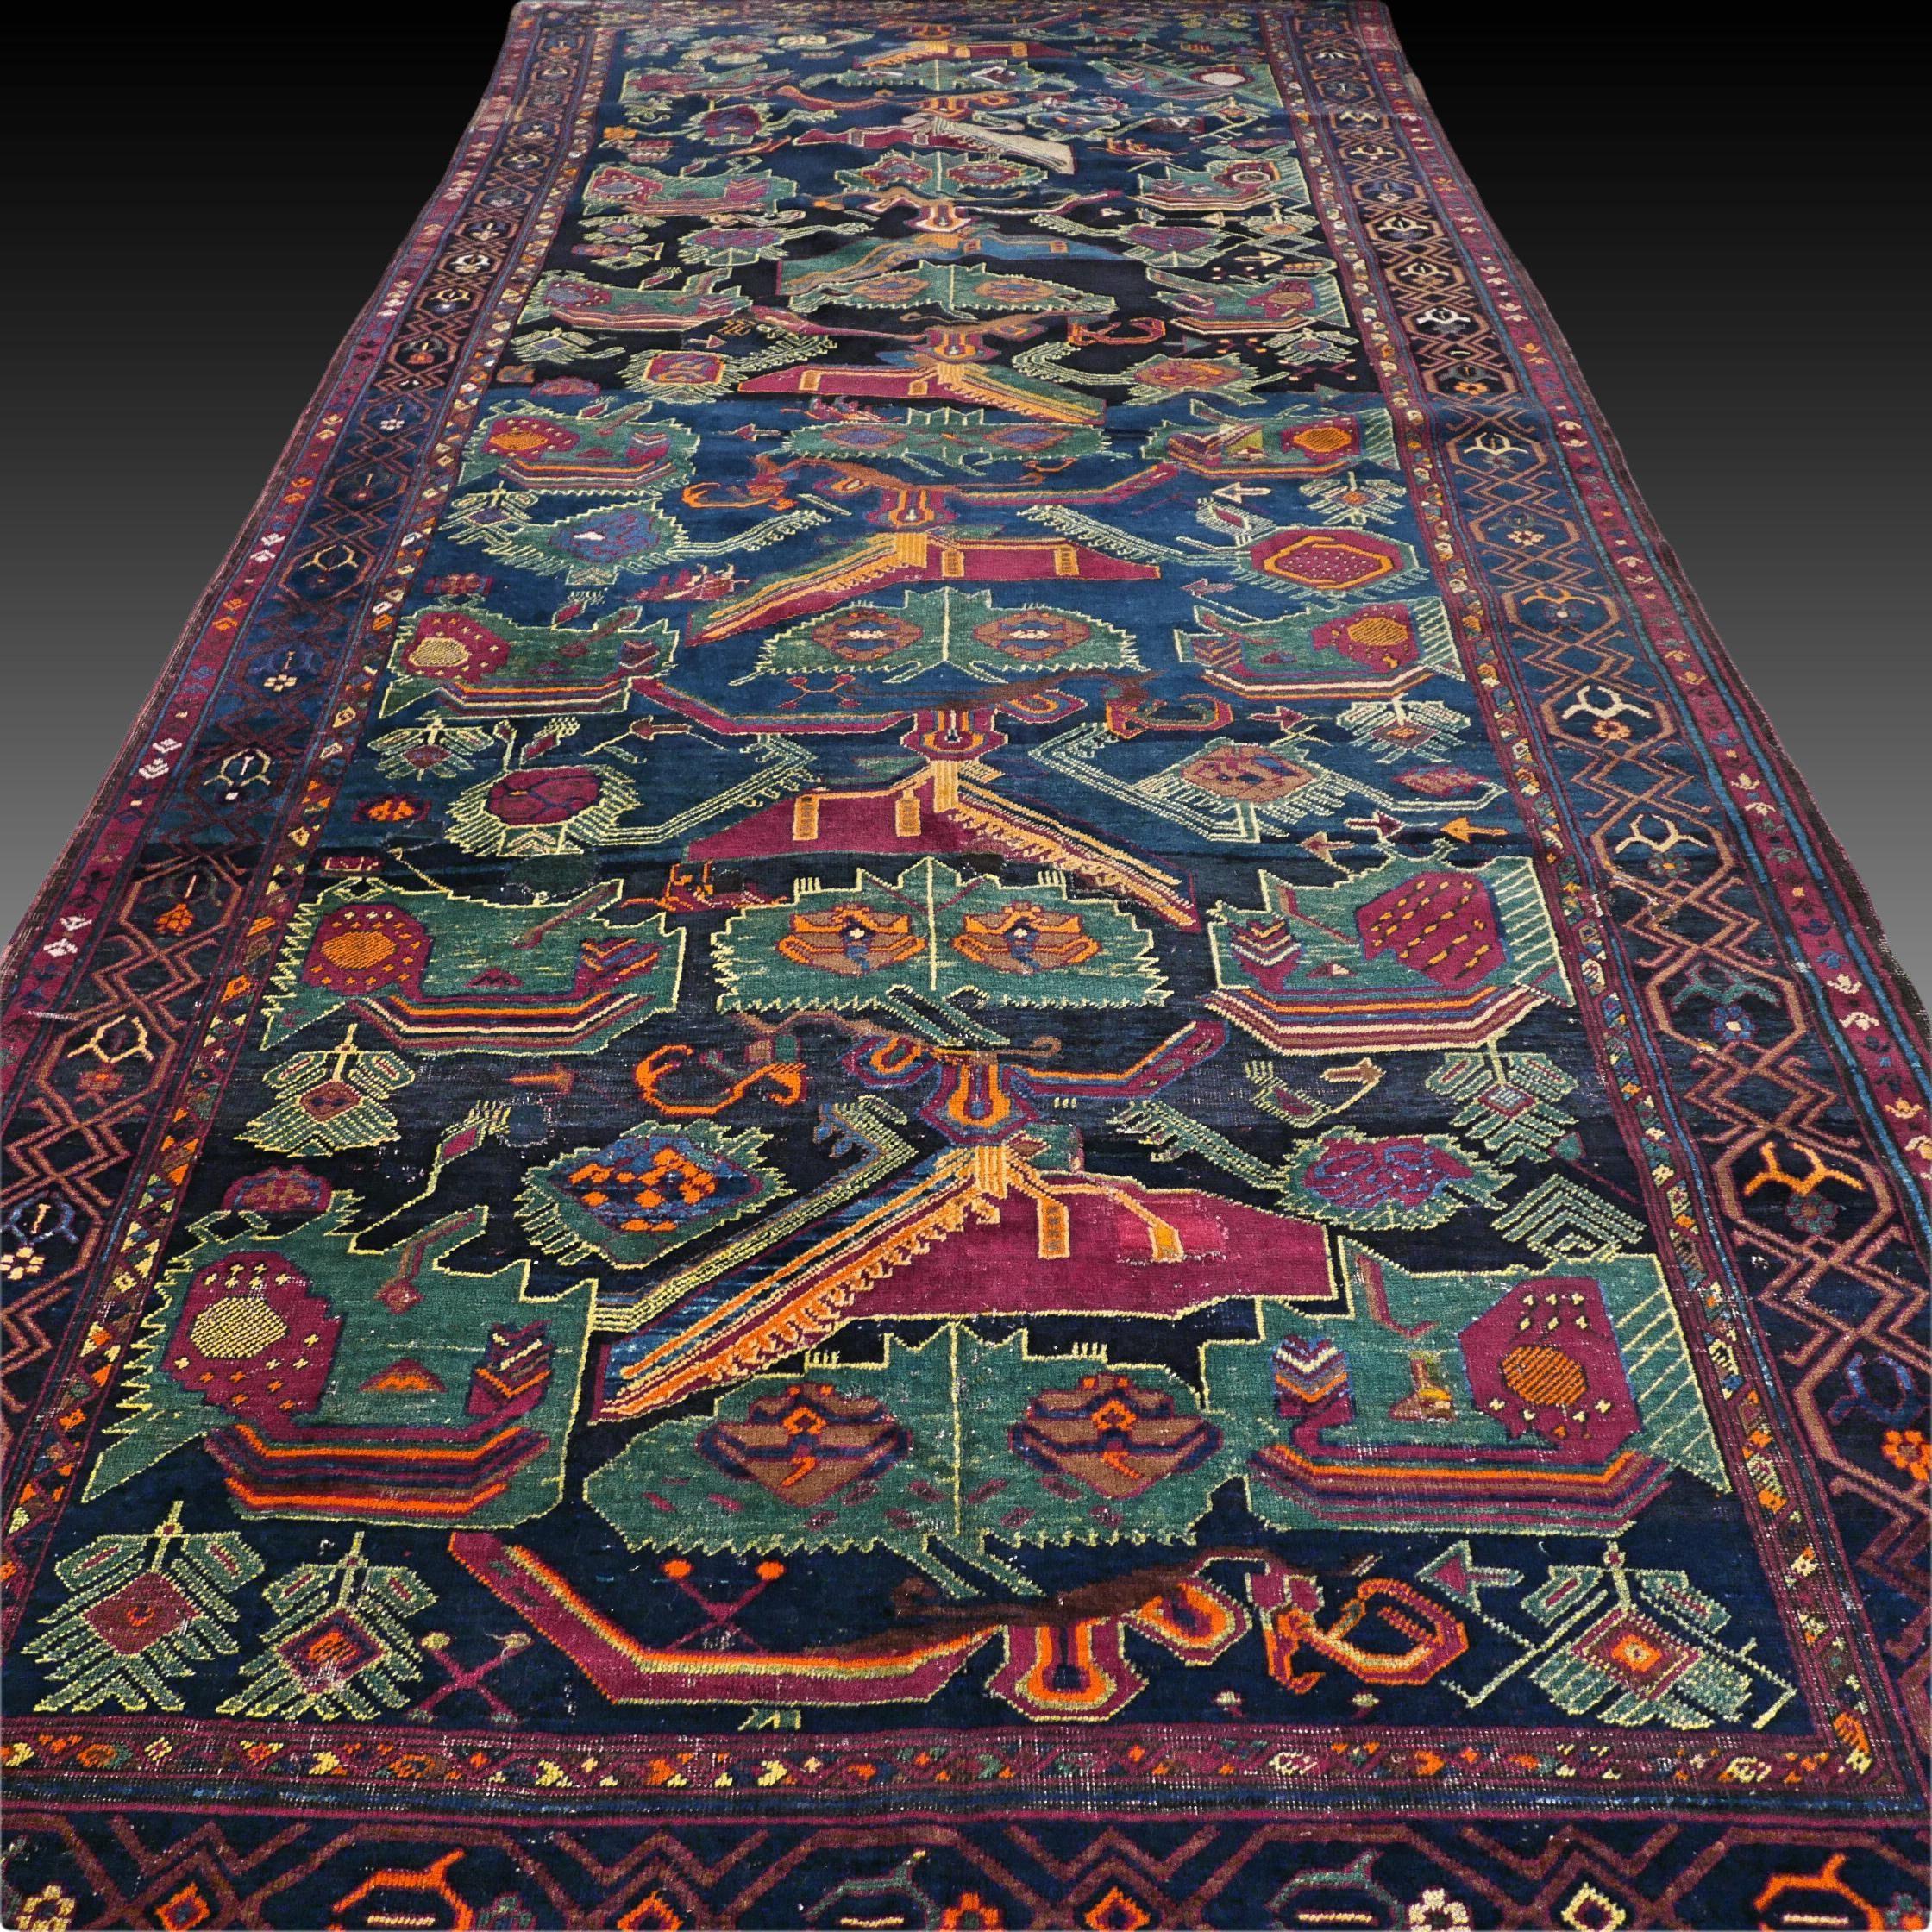 Antique Caucasian Karabagh Kazak Rug Oriental Rug Large Rug Boho Rug Antique Rug Collectors Rug 14 1 X 6 4 Ft 430 X 195 Cm